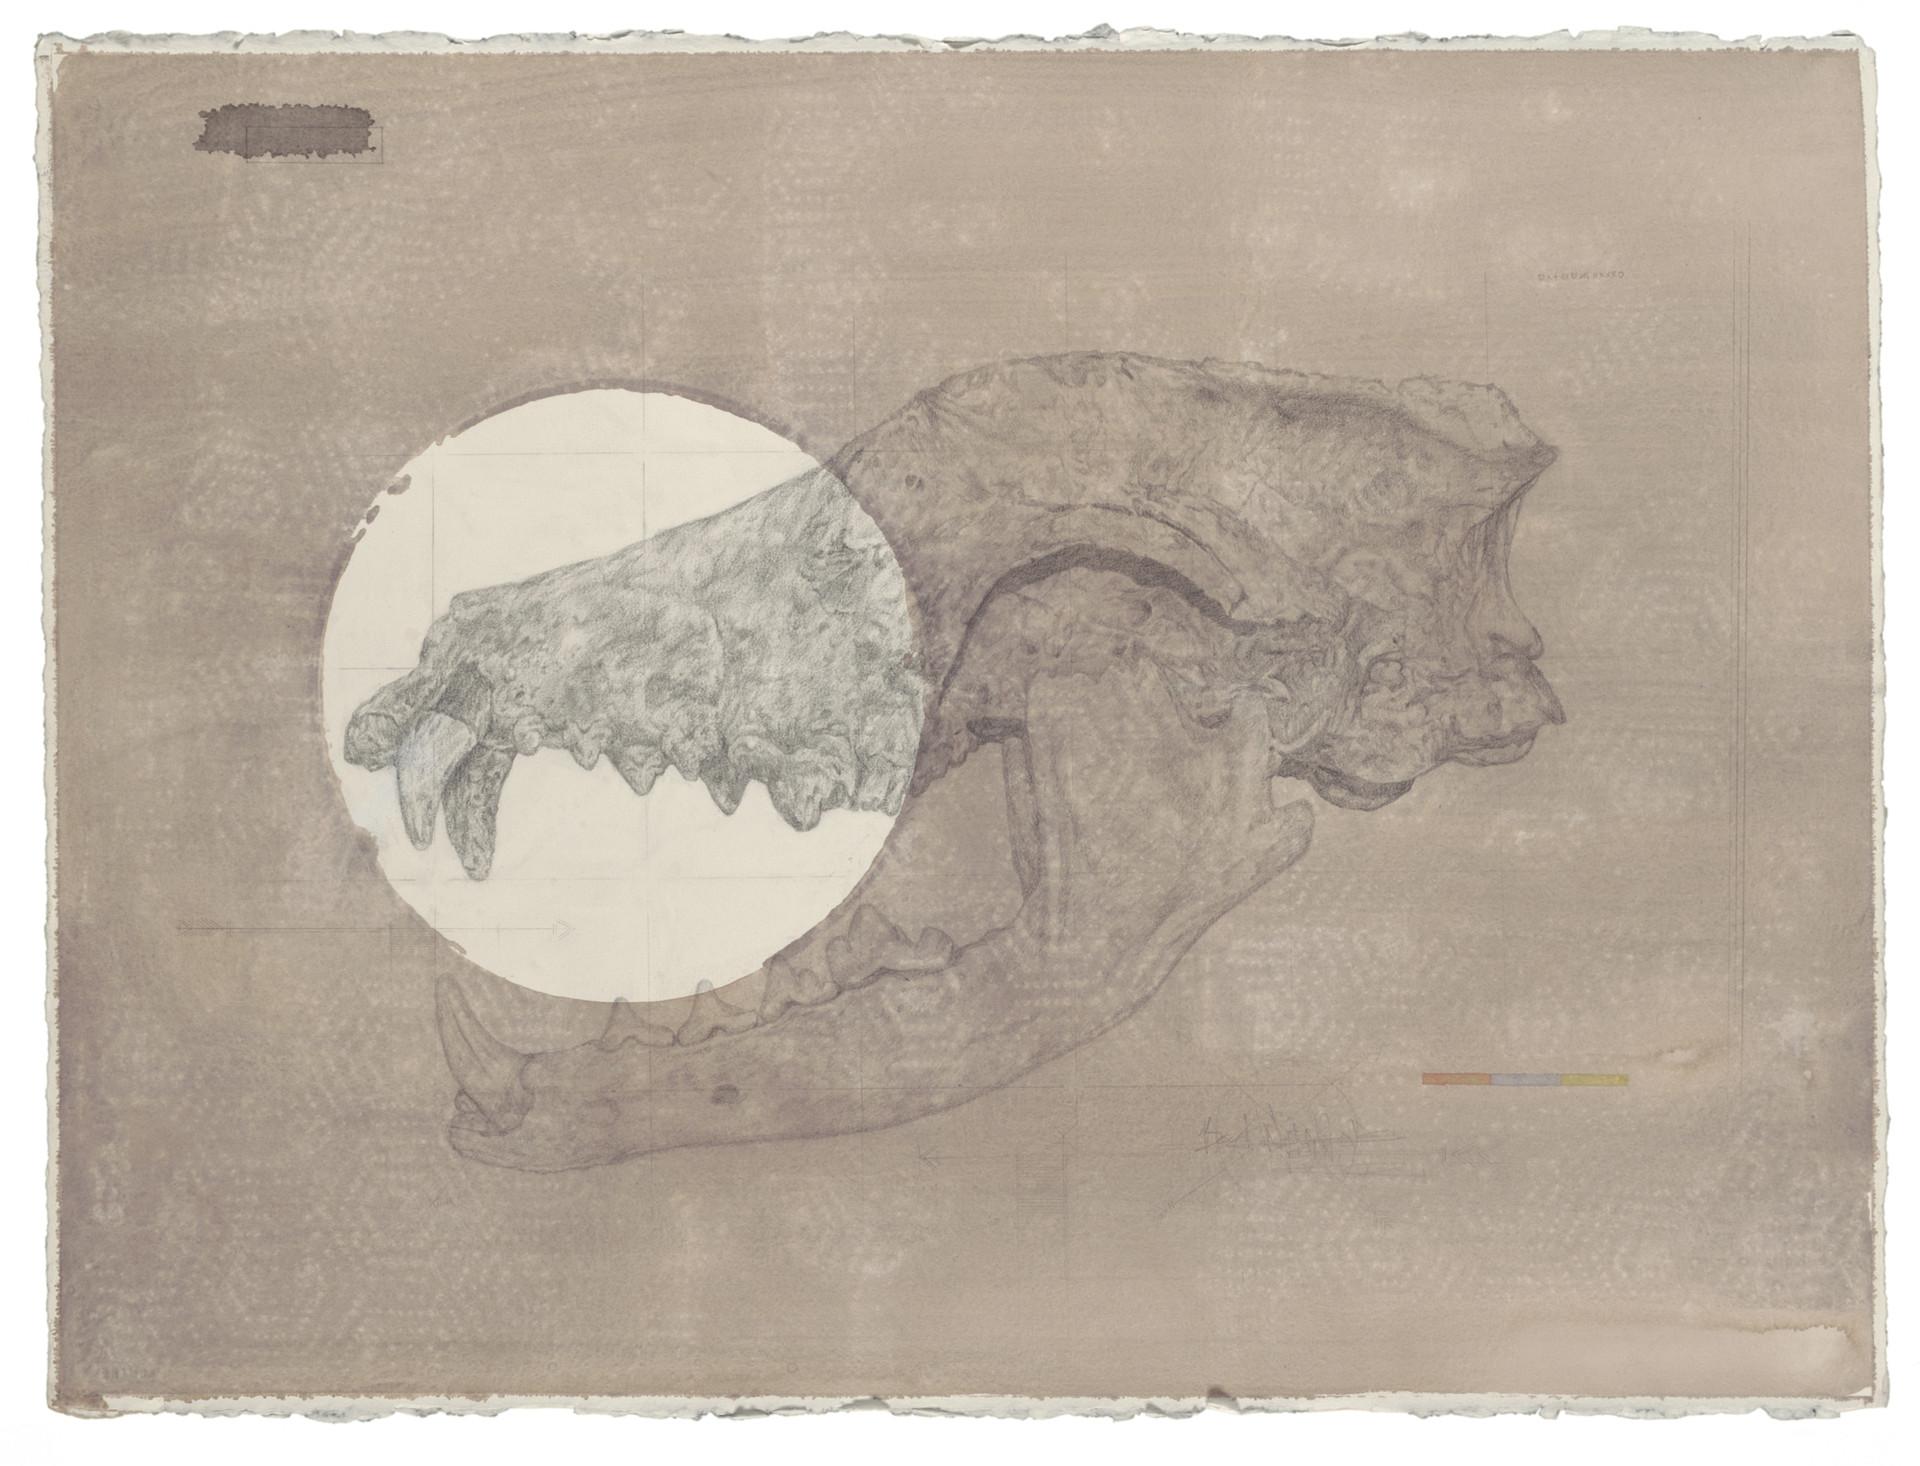 Coyote-skull-full_edit.jpg